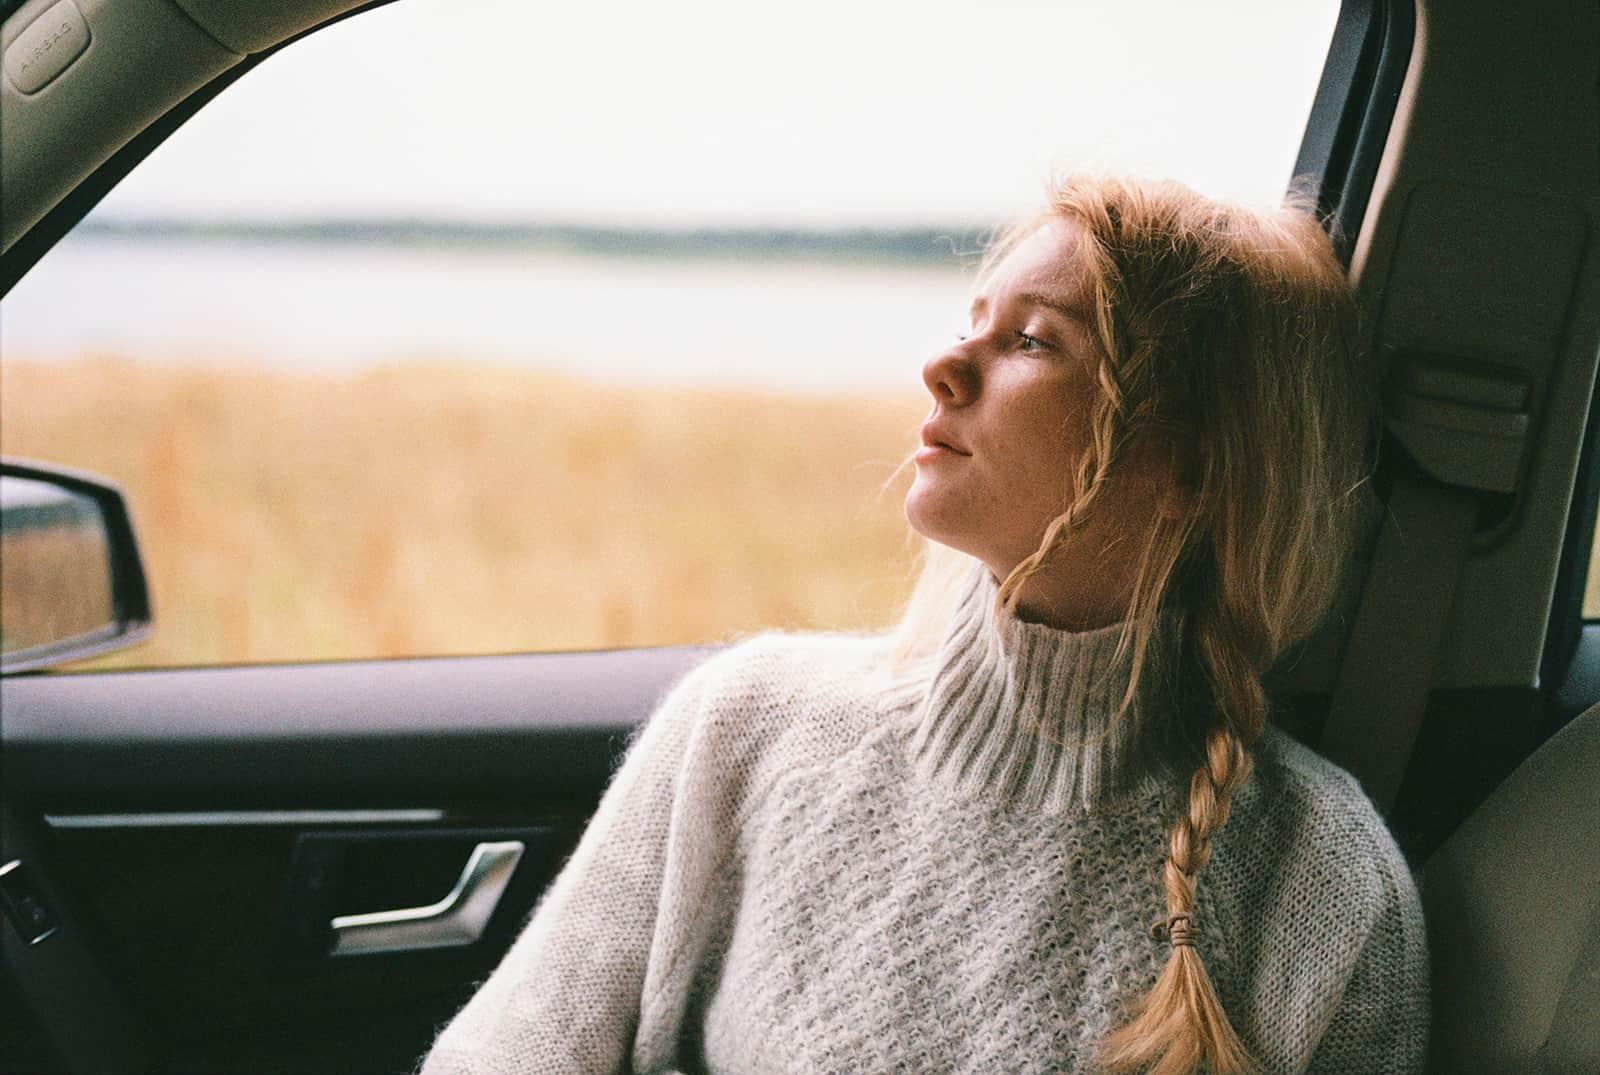 eine Frau, die im Auto sitzt und nachdenkt